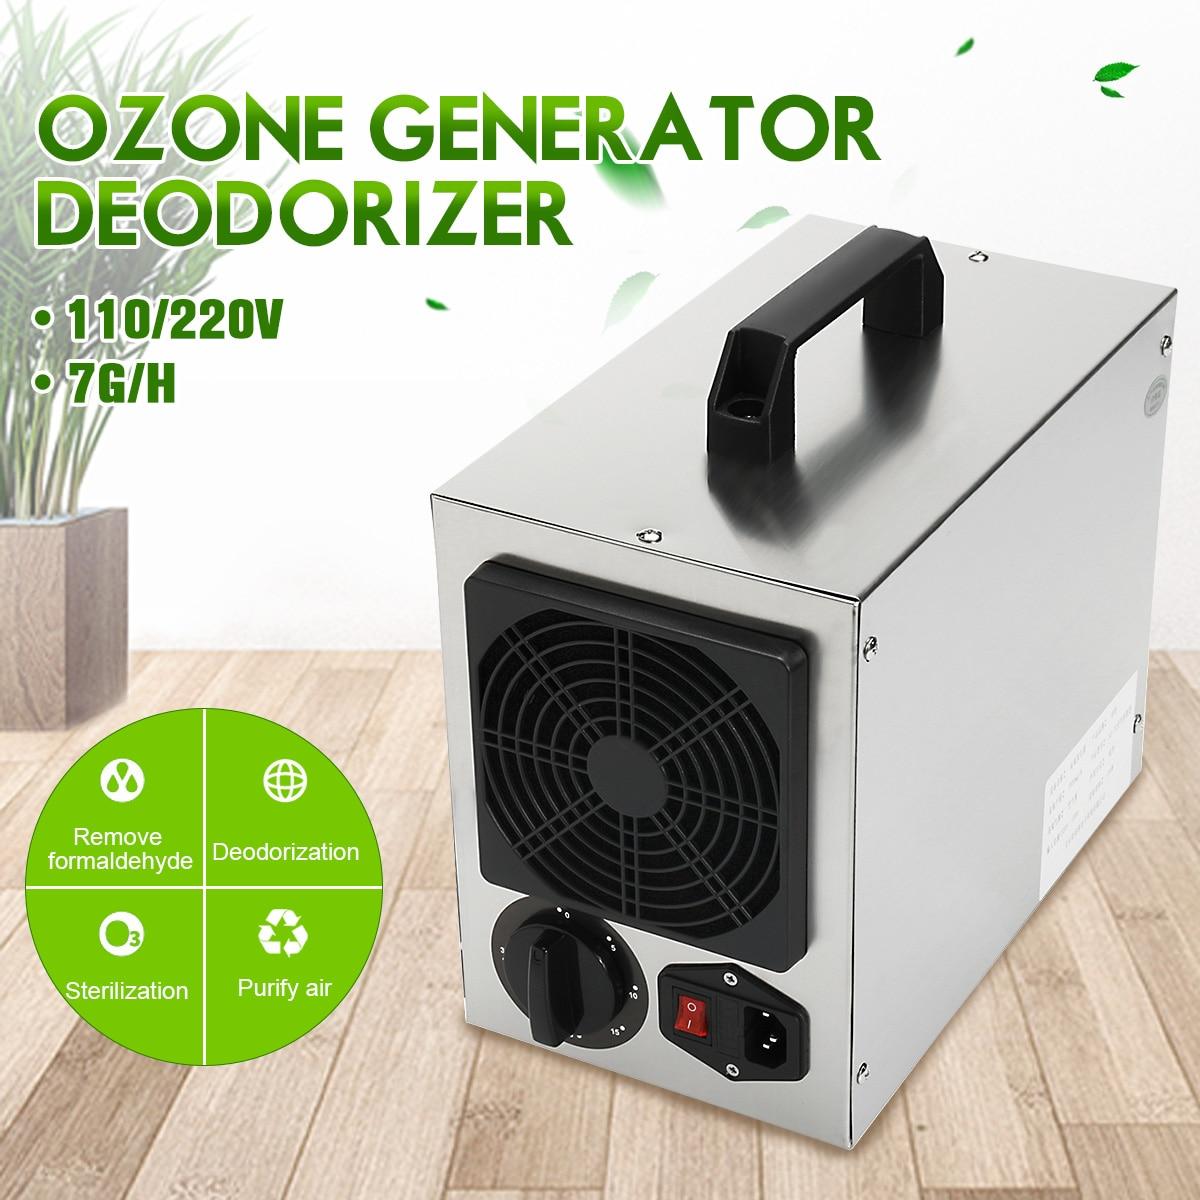 Casa Gerador de Ozônio Comercial 7 O3 g/h Purificador de Ar Desinfetante 220 v/110 um Ar Mais Limpo Para O Hospital Fábrica Casa AU Plugue